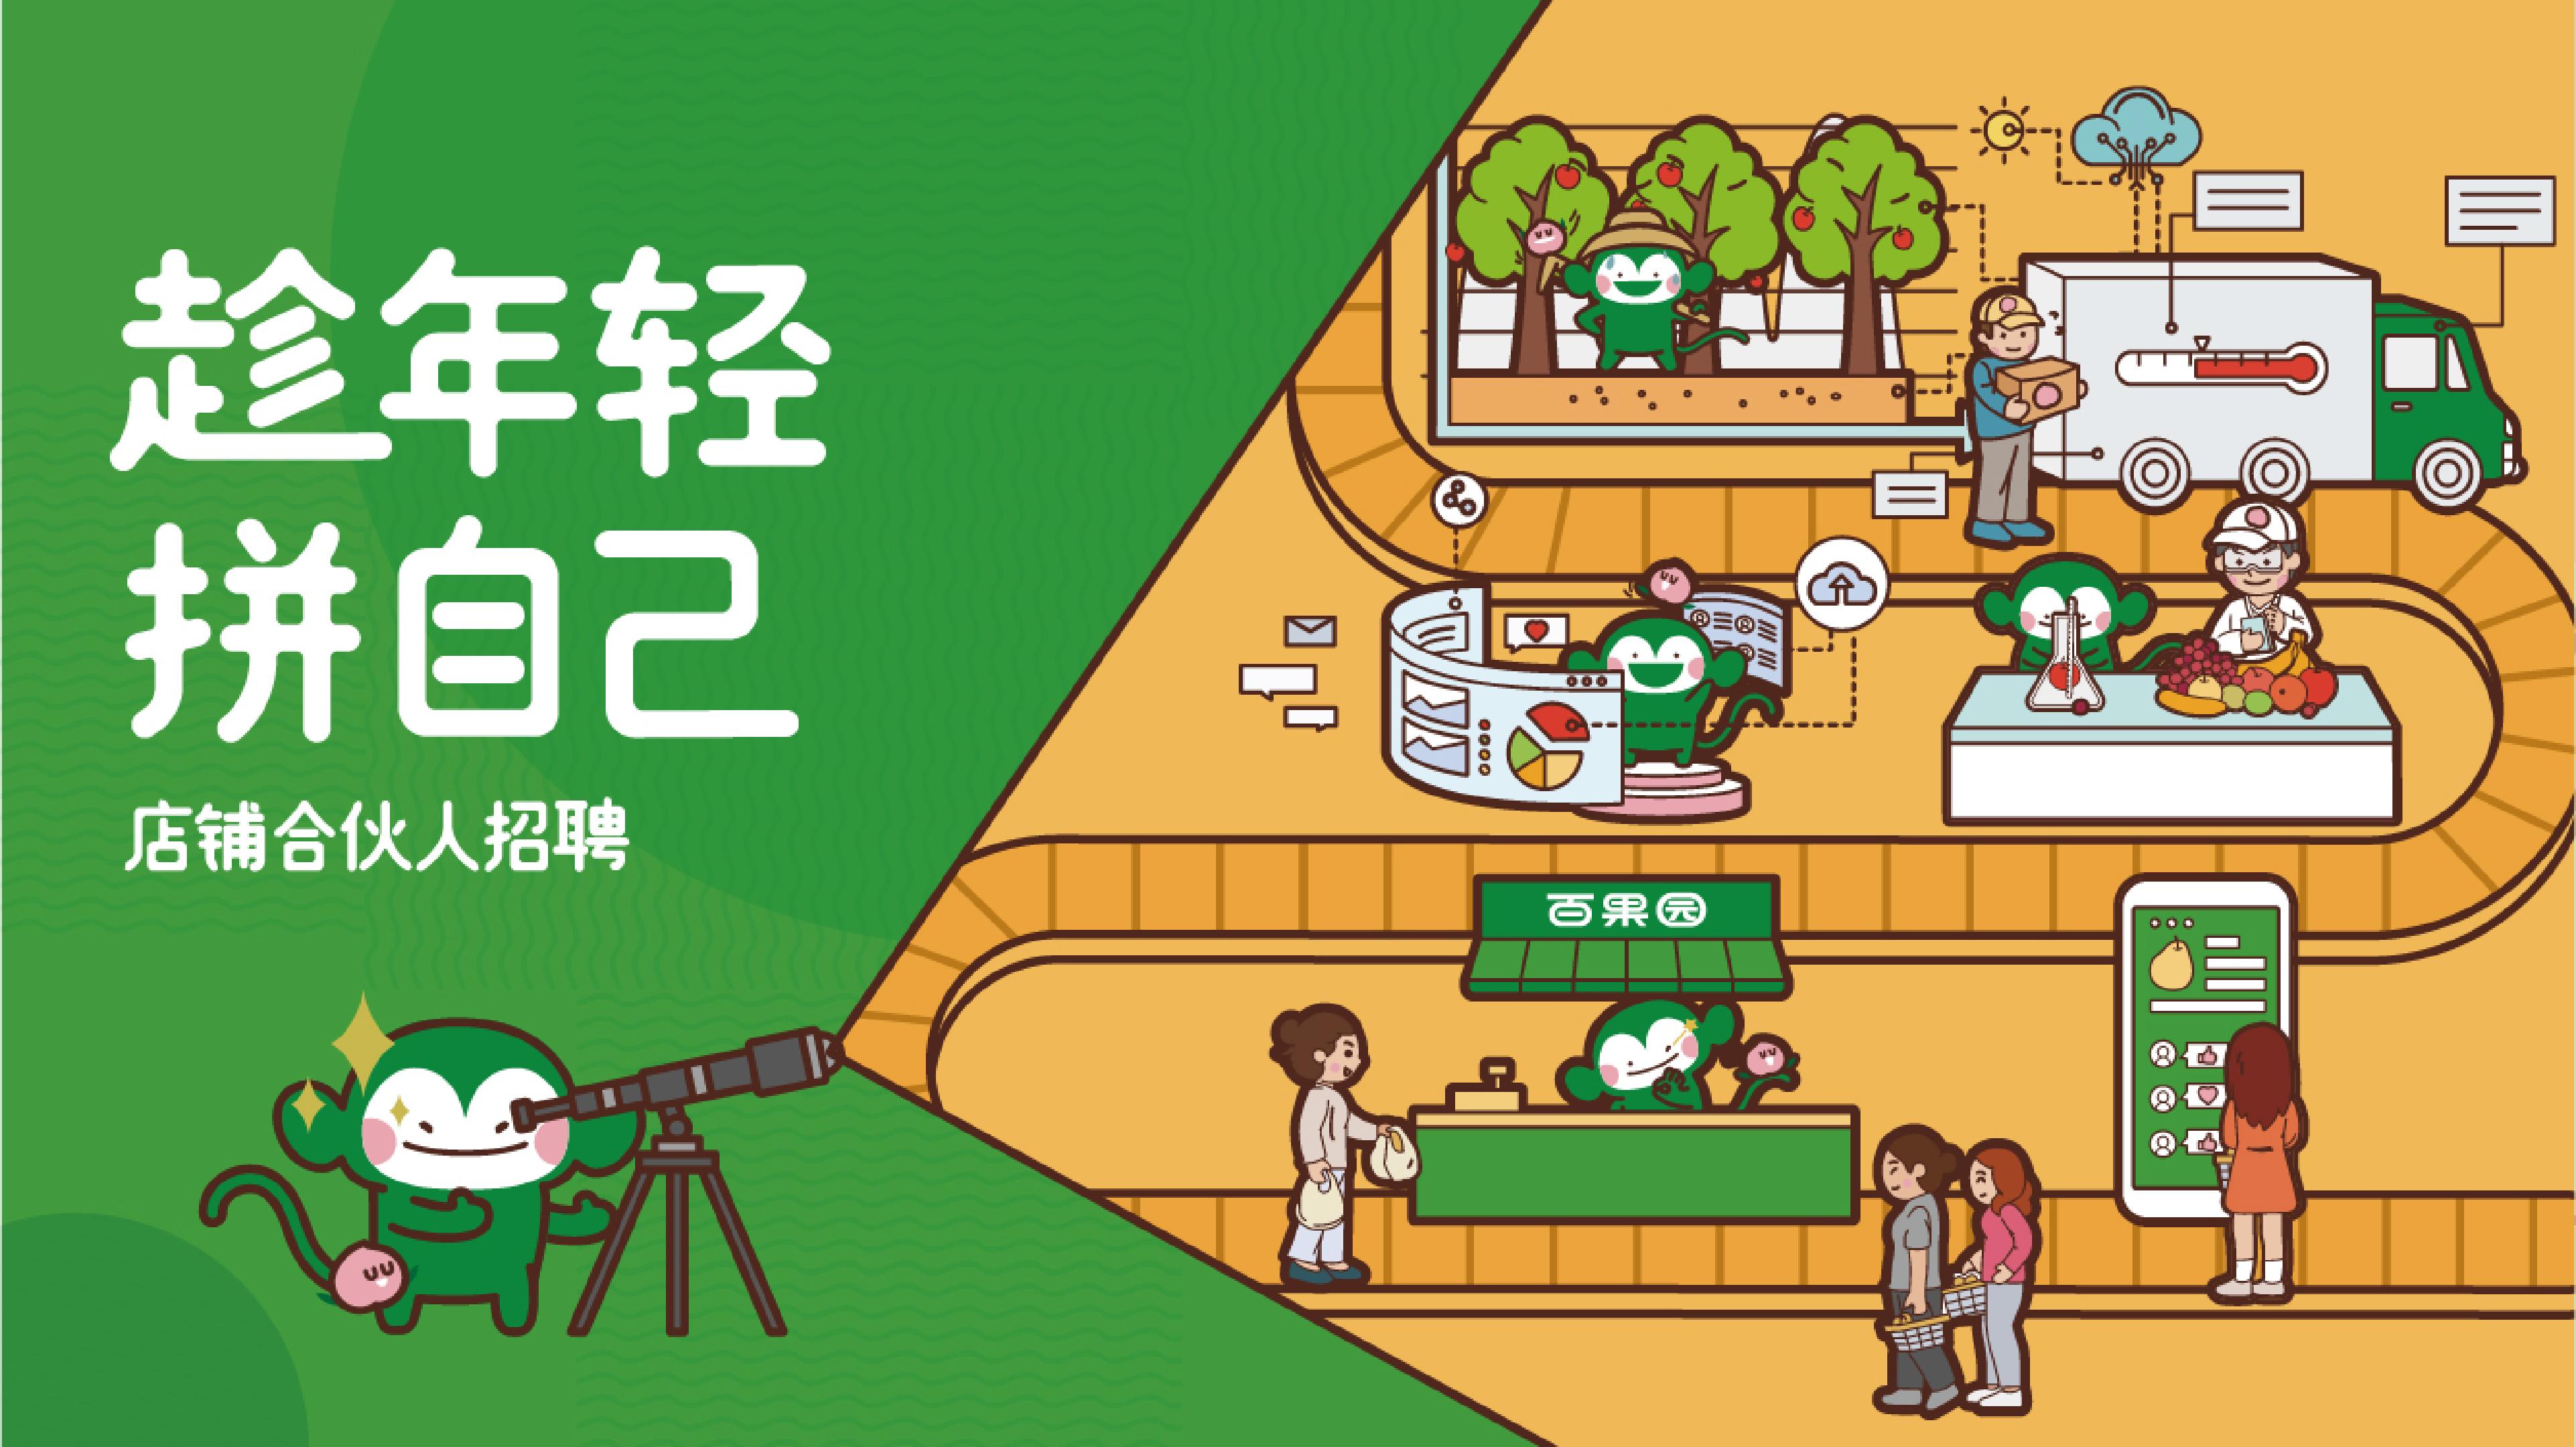 深圳百果园实业发展有限公司宣讲会